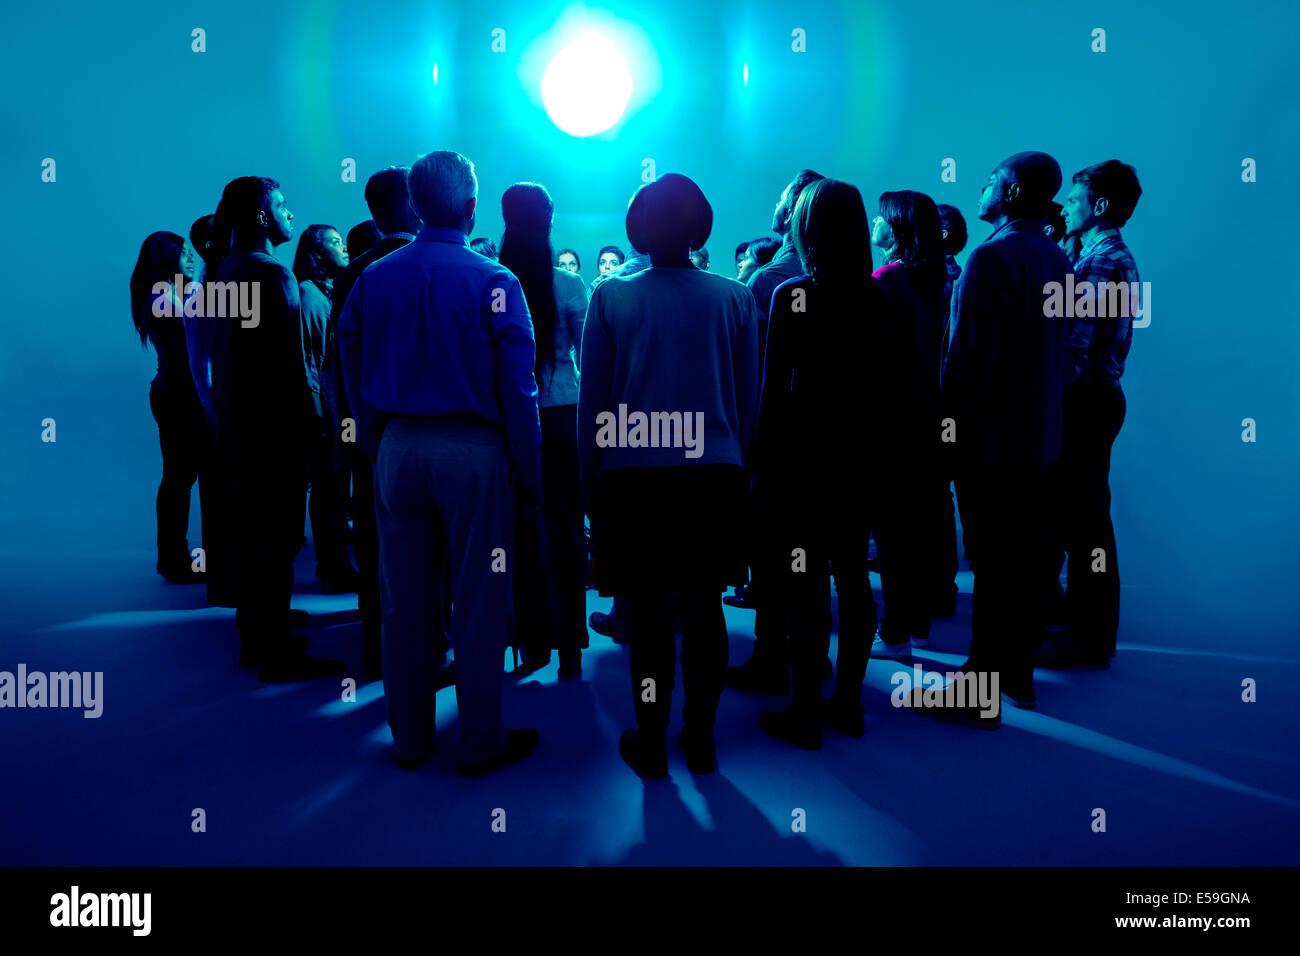 La folla in piedi intorno a una luce brillante Immagini Stock